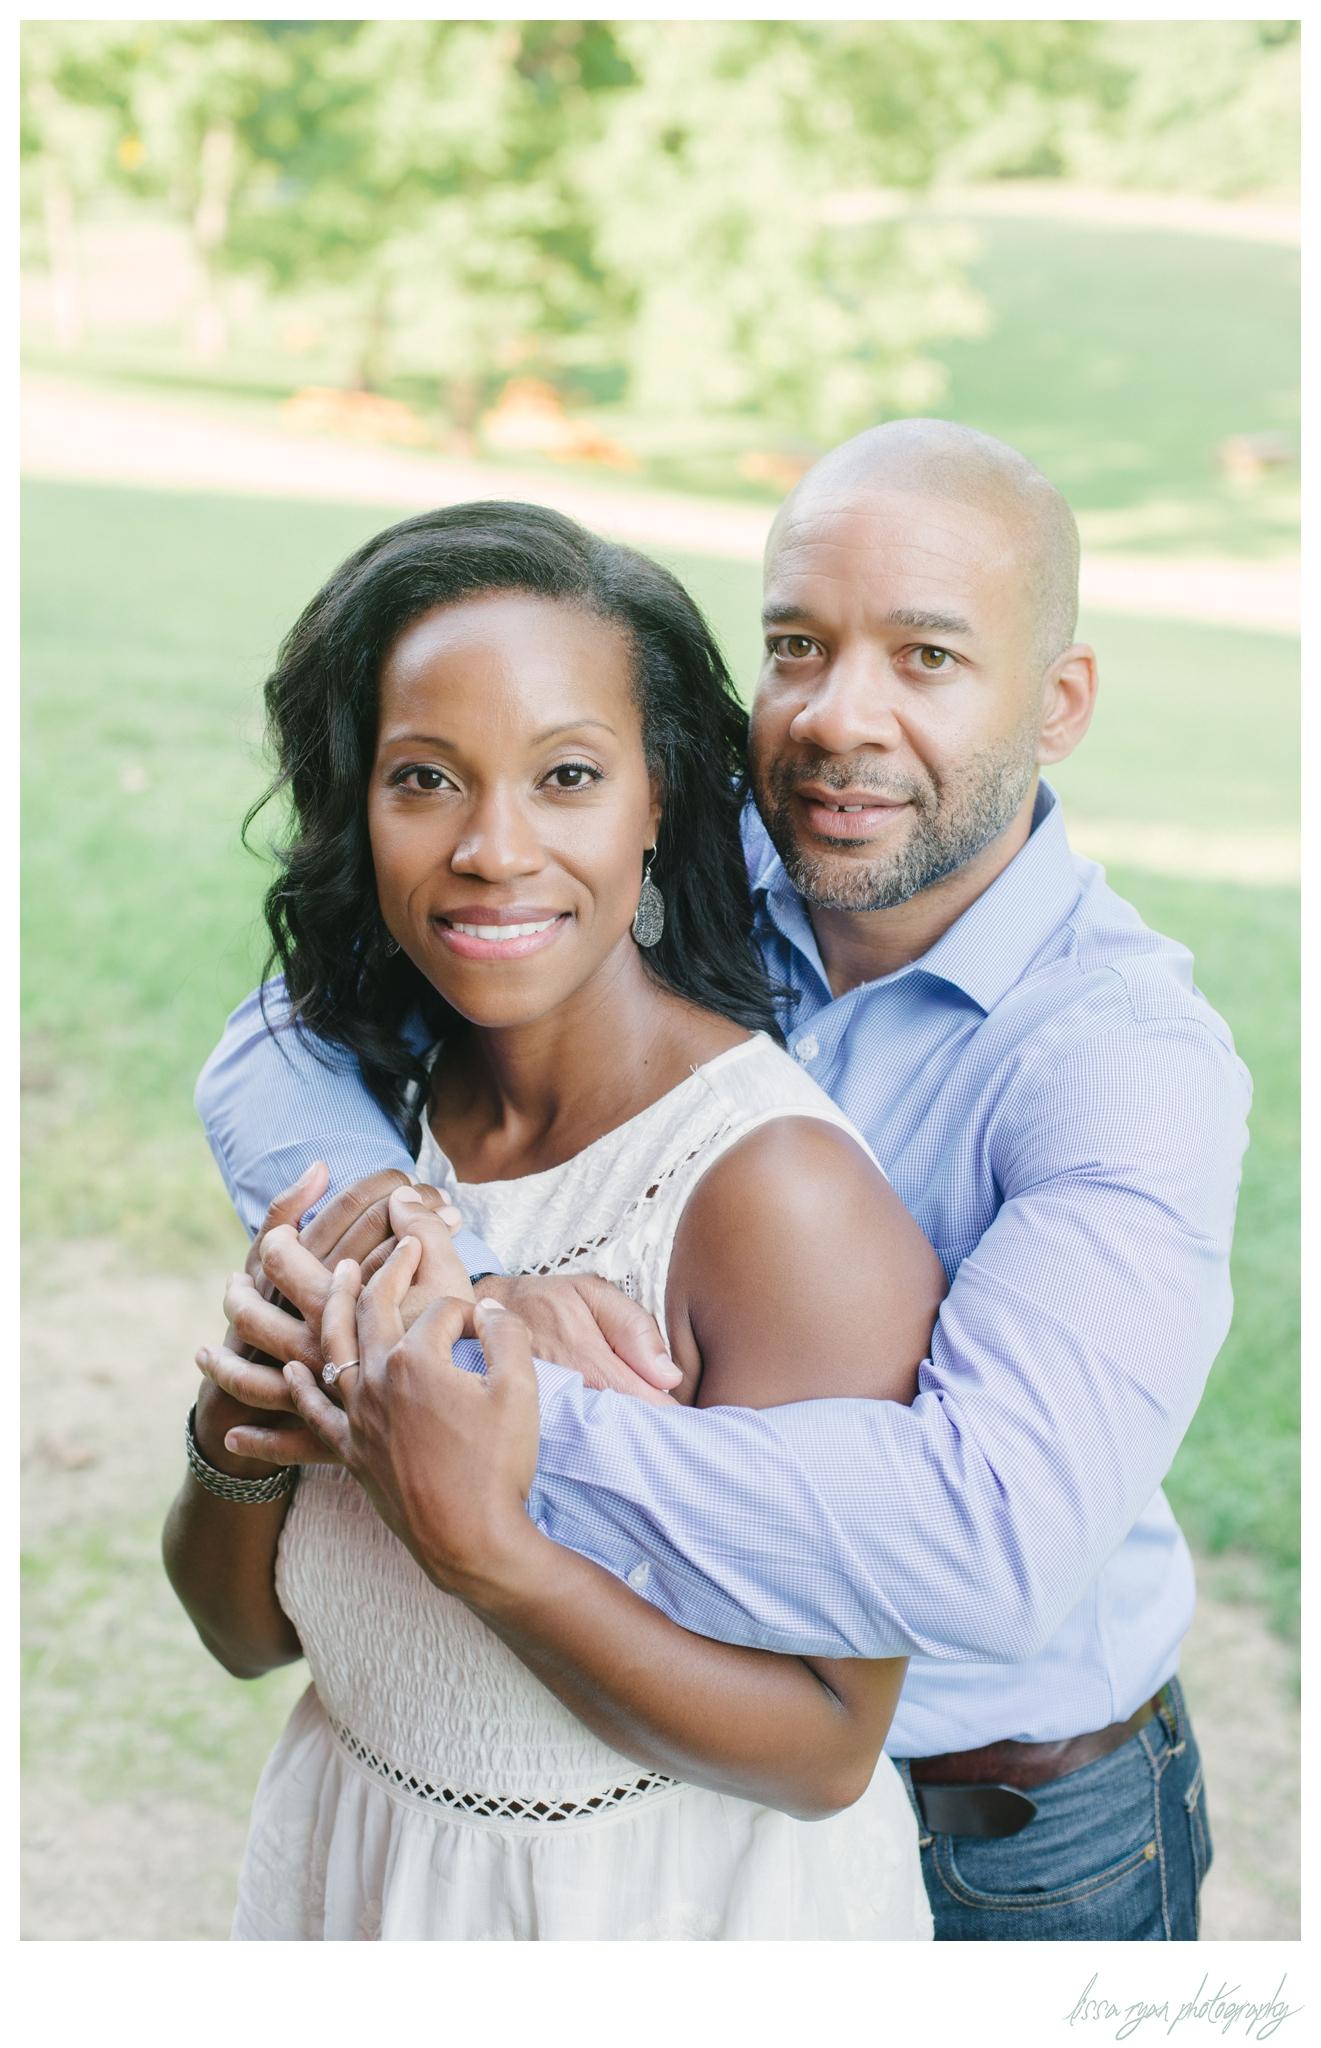 paradise springs winery engagement session washington dc engagement wedding photographer lissa ryan photography